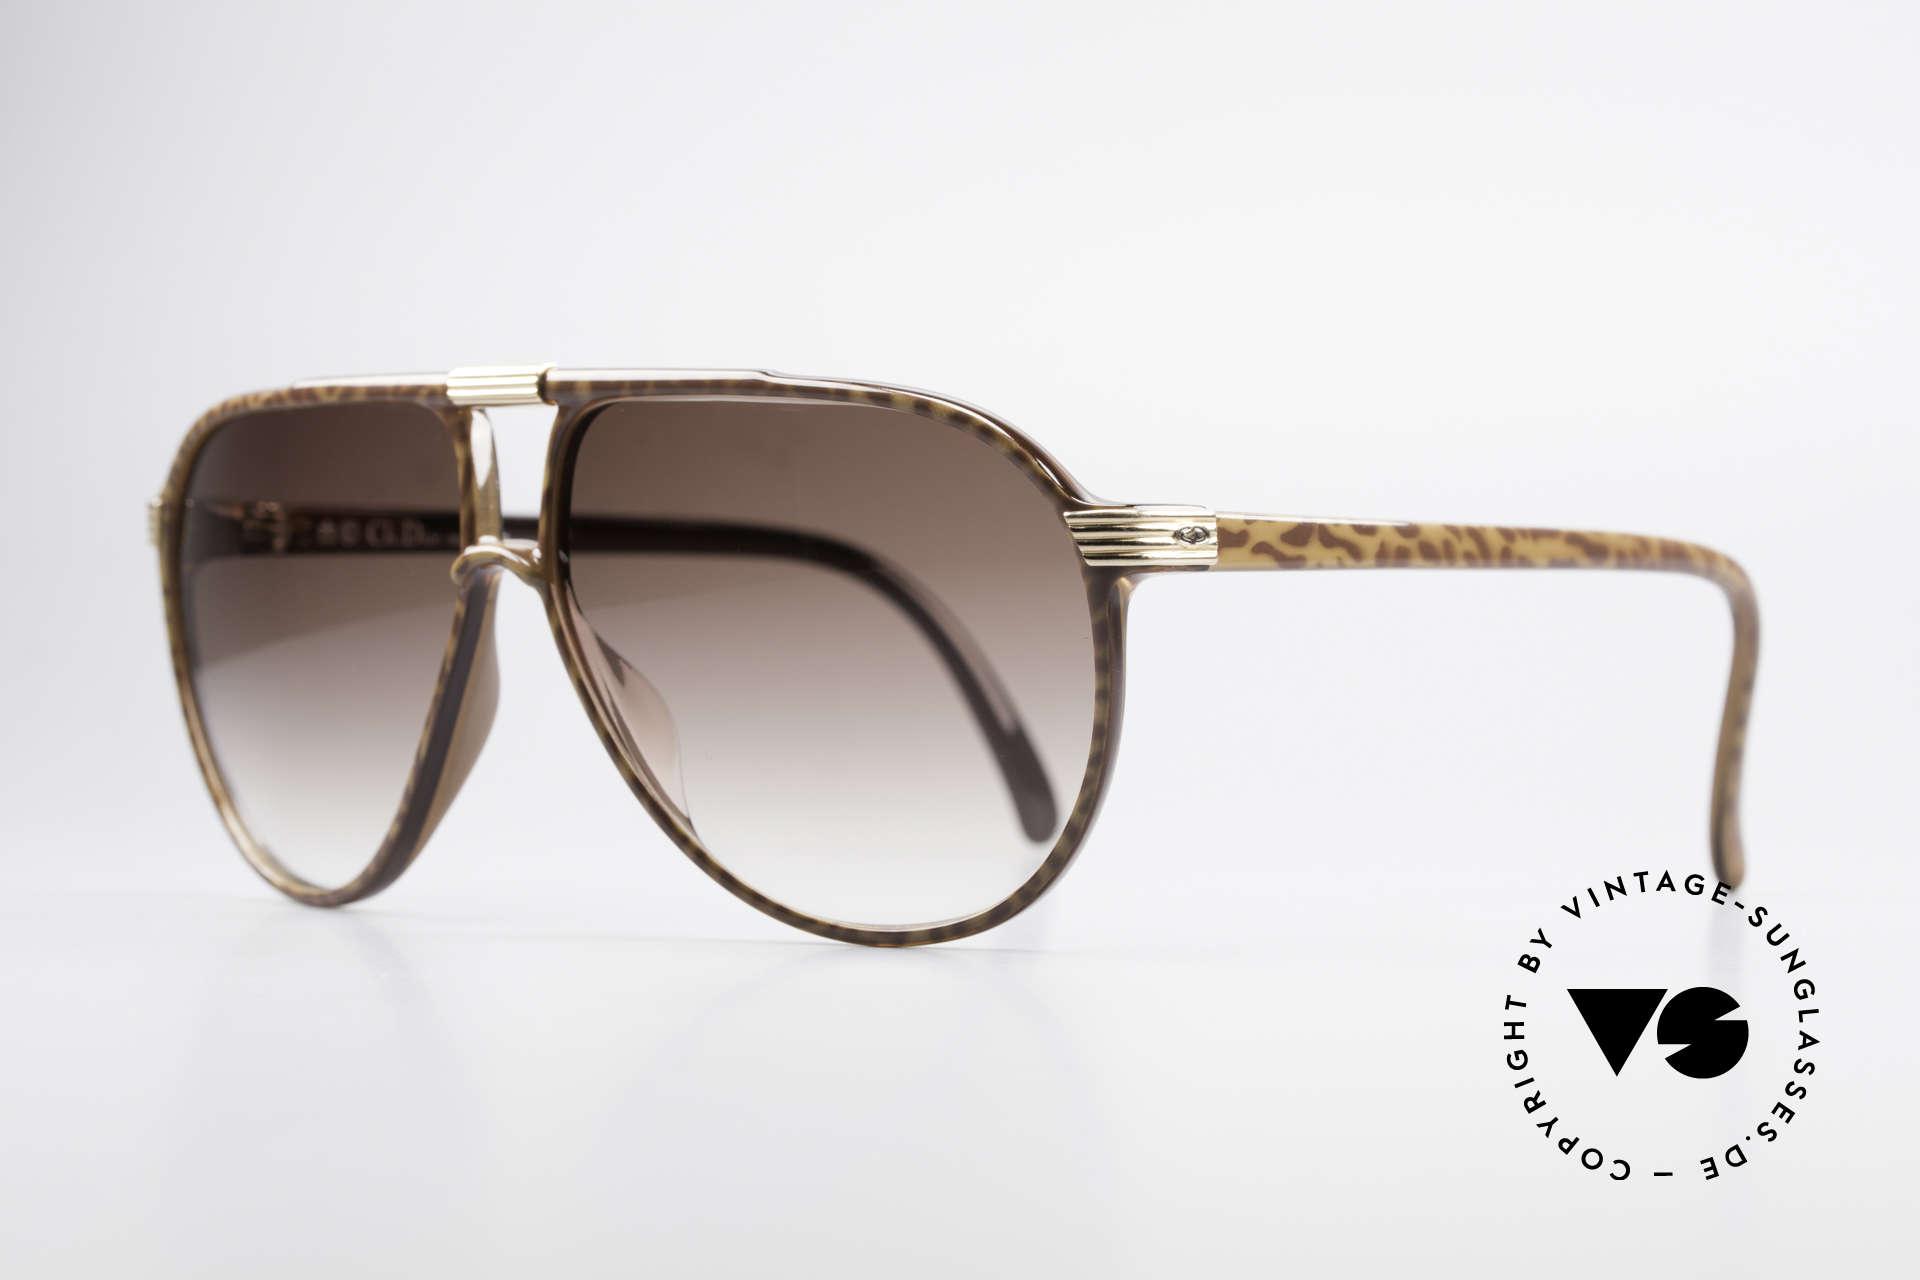 Christian Dior 2300 80er Aviator Sonnenbrille, Top-Qualität dank herausragendem OPTYL-Material, Passend für Herren